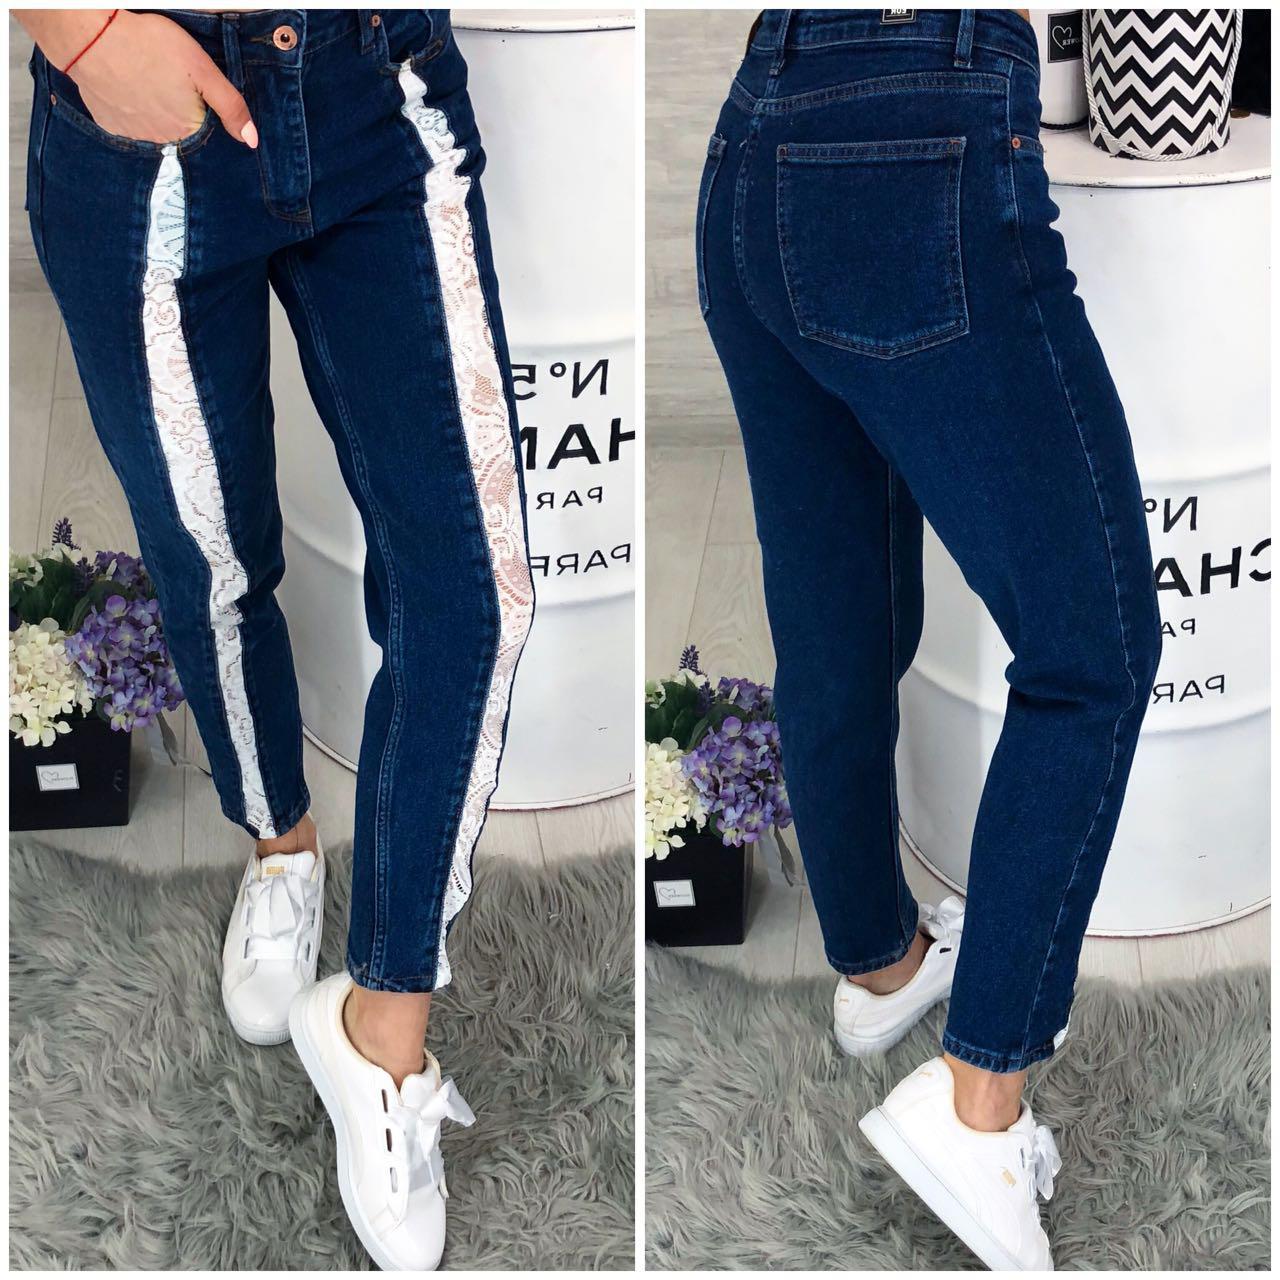 ca06f2d2f03 Синие джинсы SLIM с кружевными лампасами